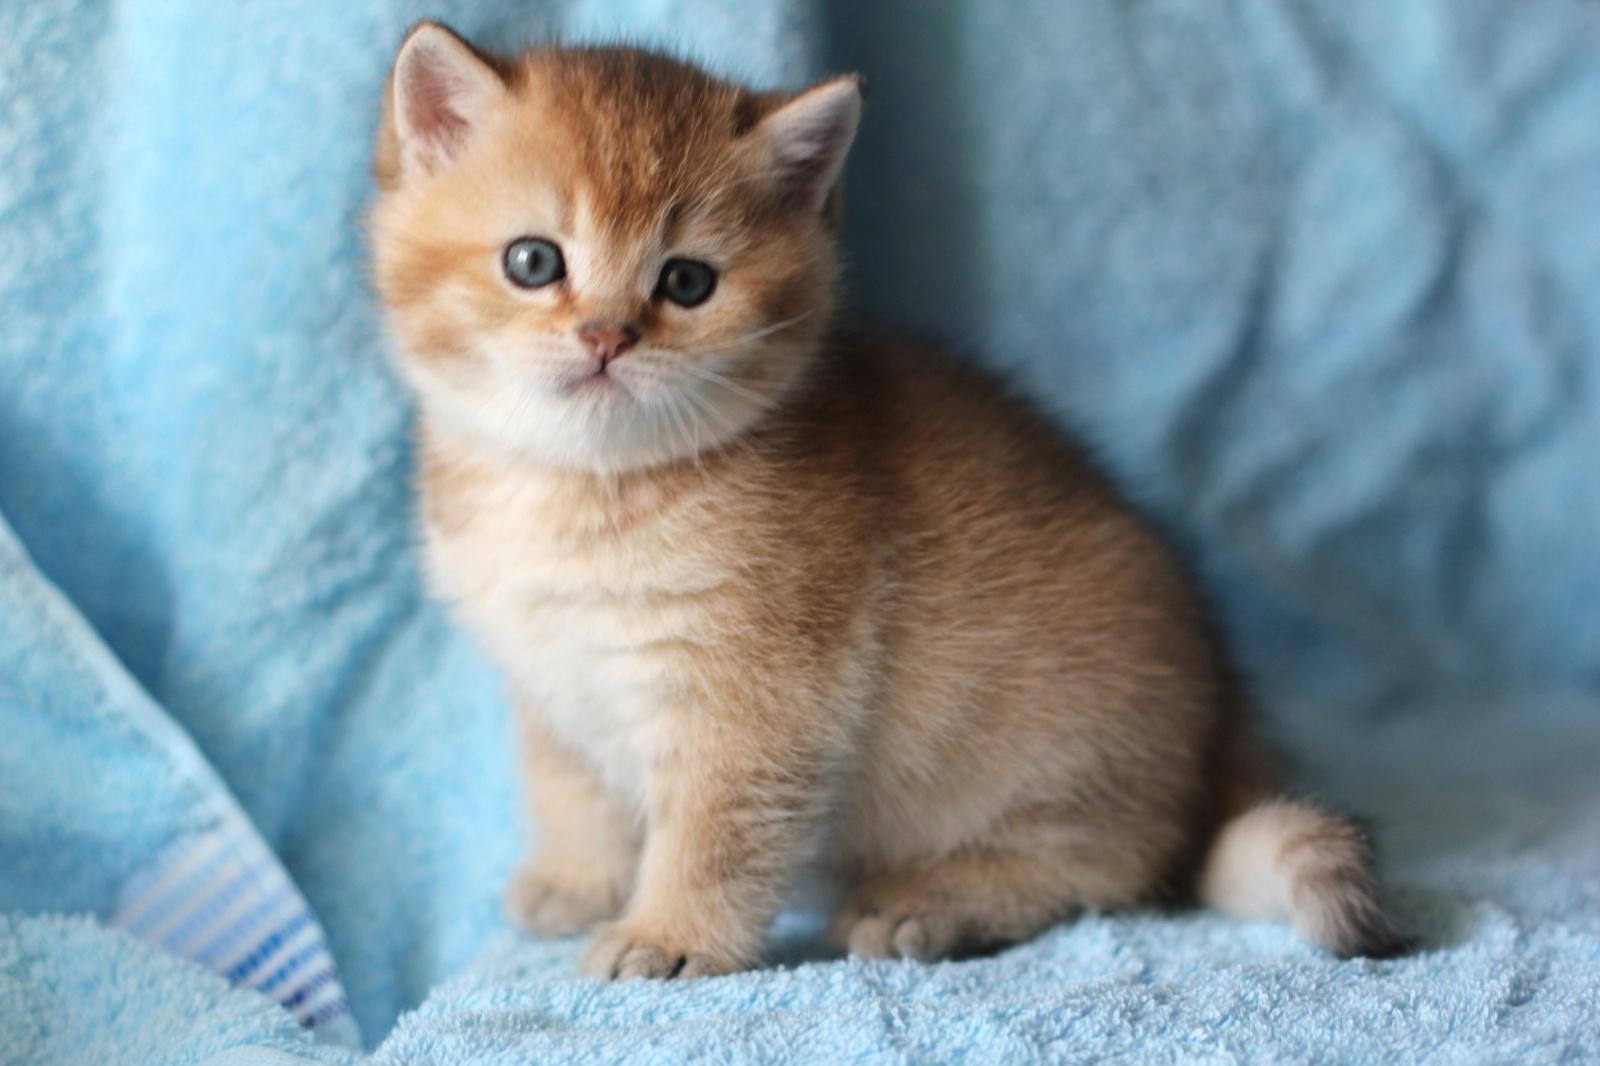 Как назвать рыжего кота: оригинальные примеры кличек